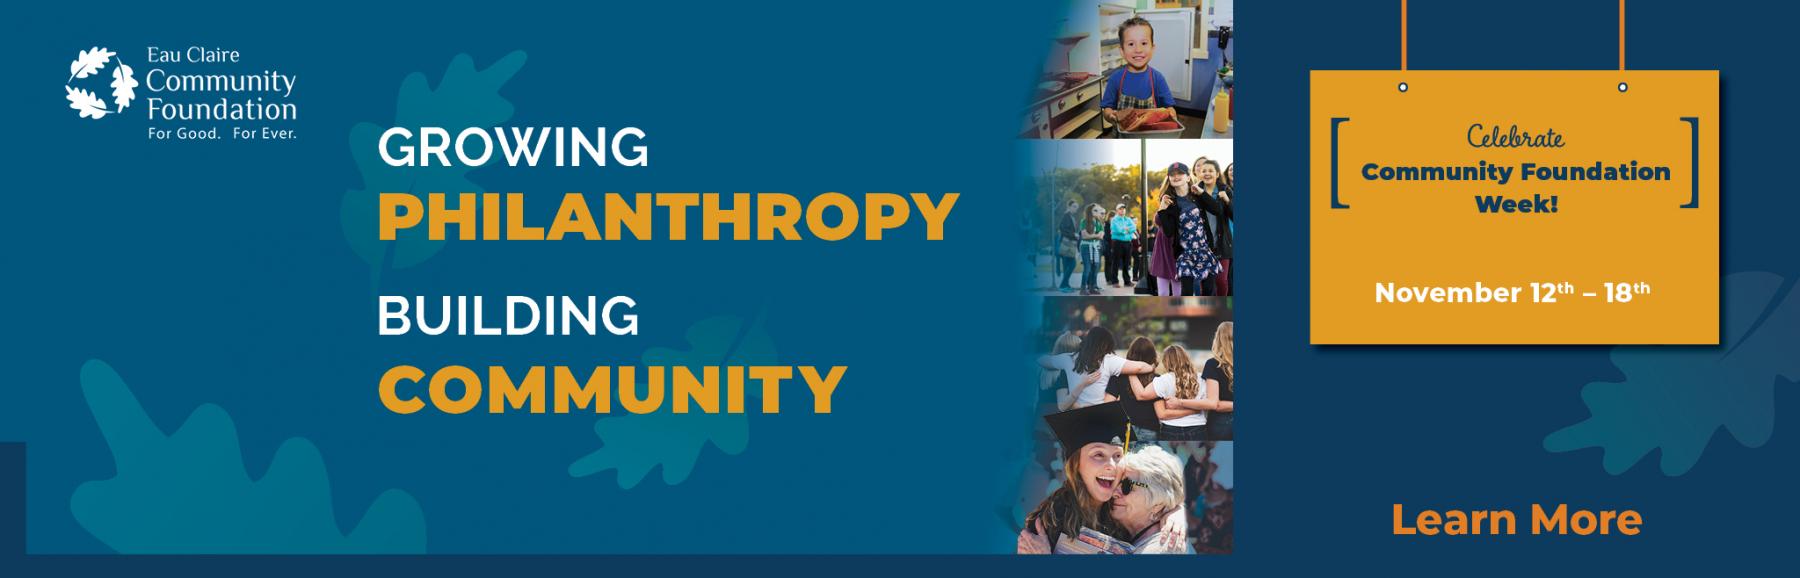 Community-Foundation-Week